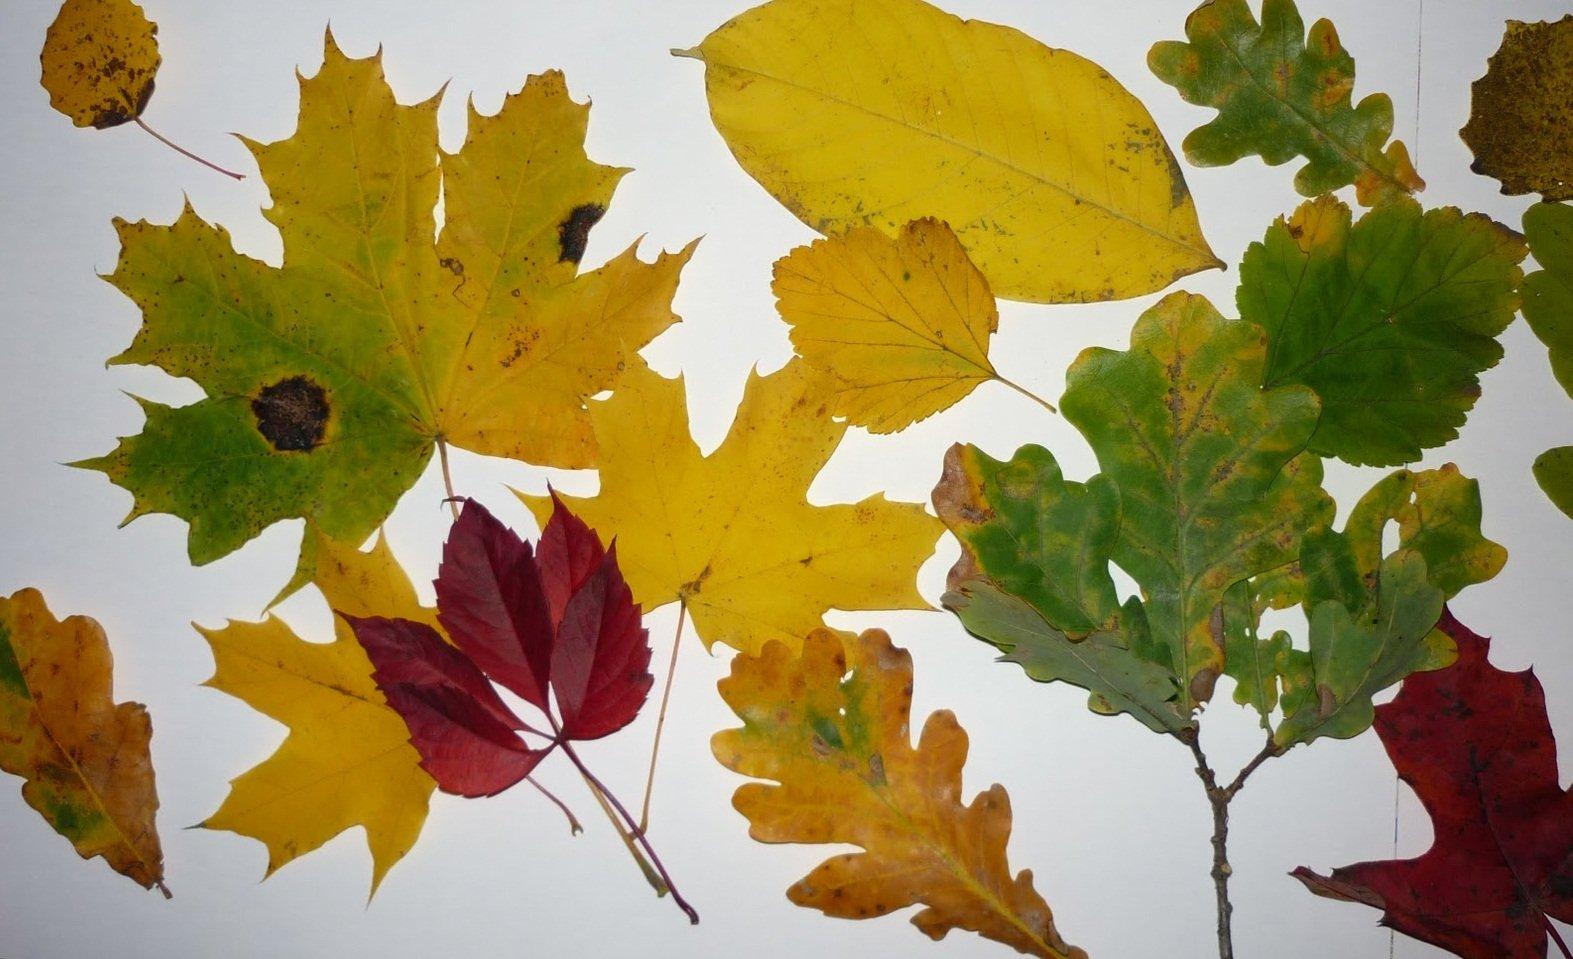 как сделать гербарий из листьев деревьев фото этап, которого начинается